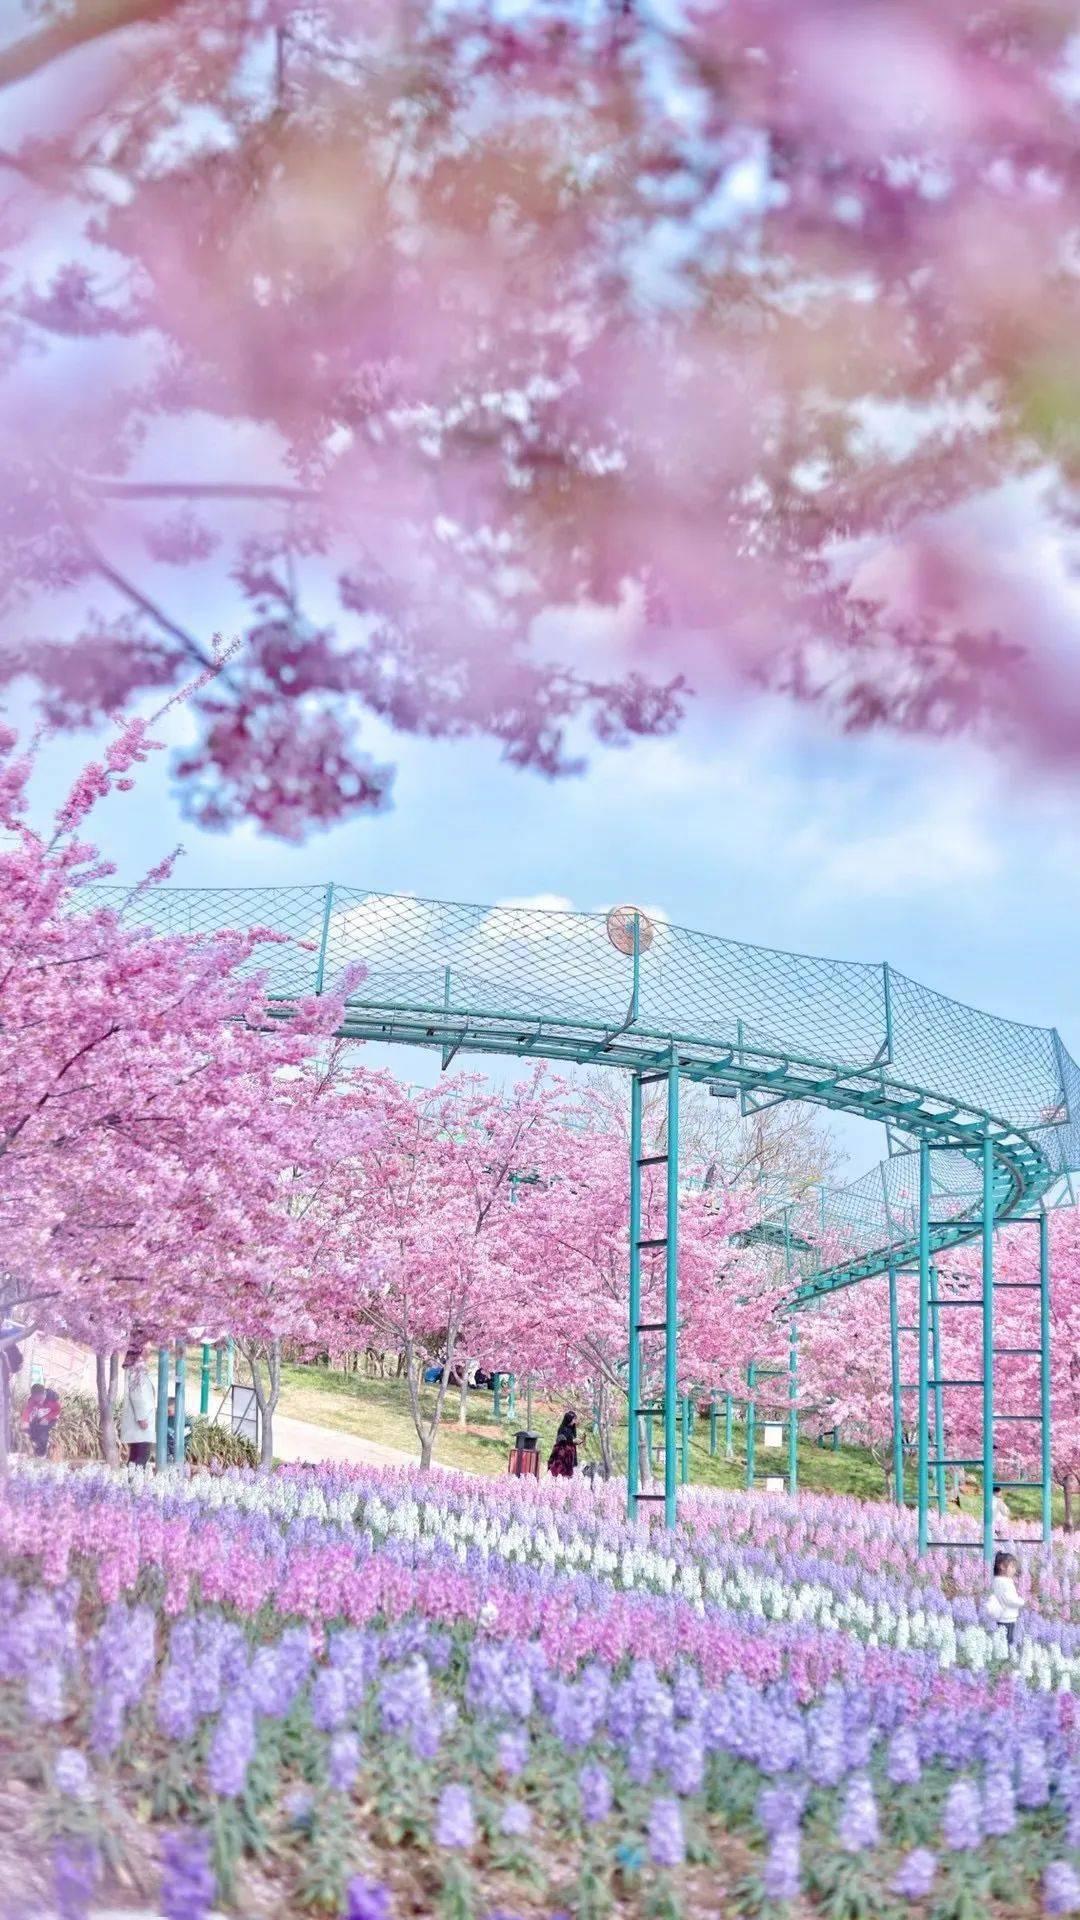 成都周末赏春花图鉴出炉,老夫的少女心啊!